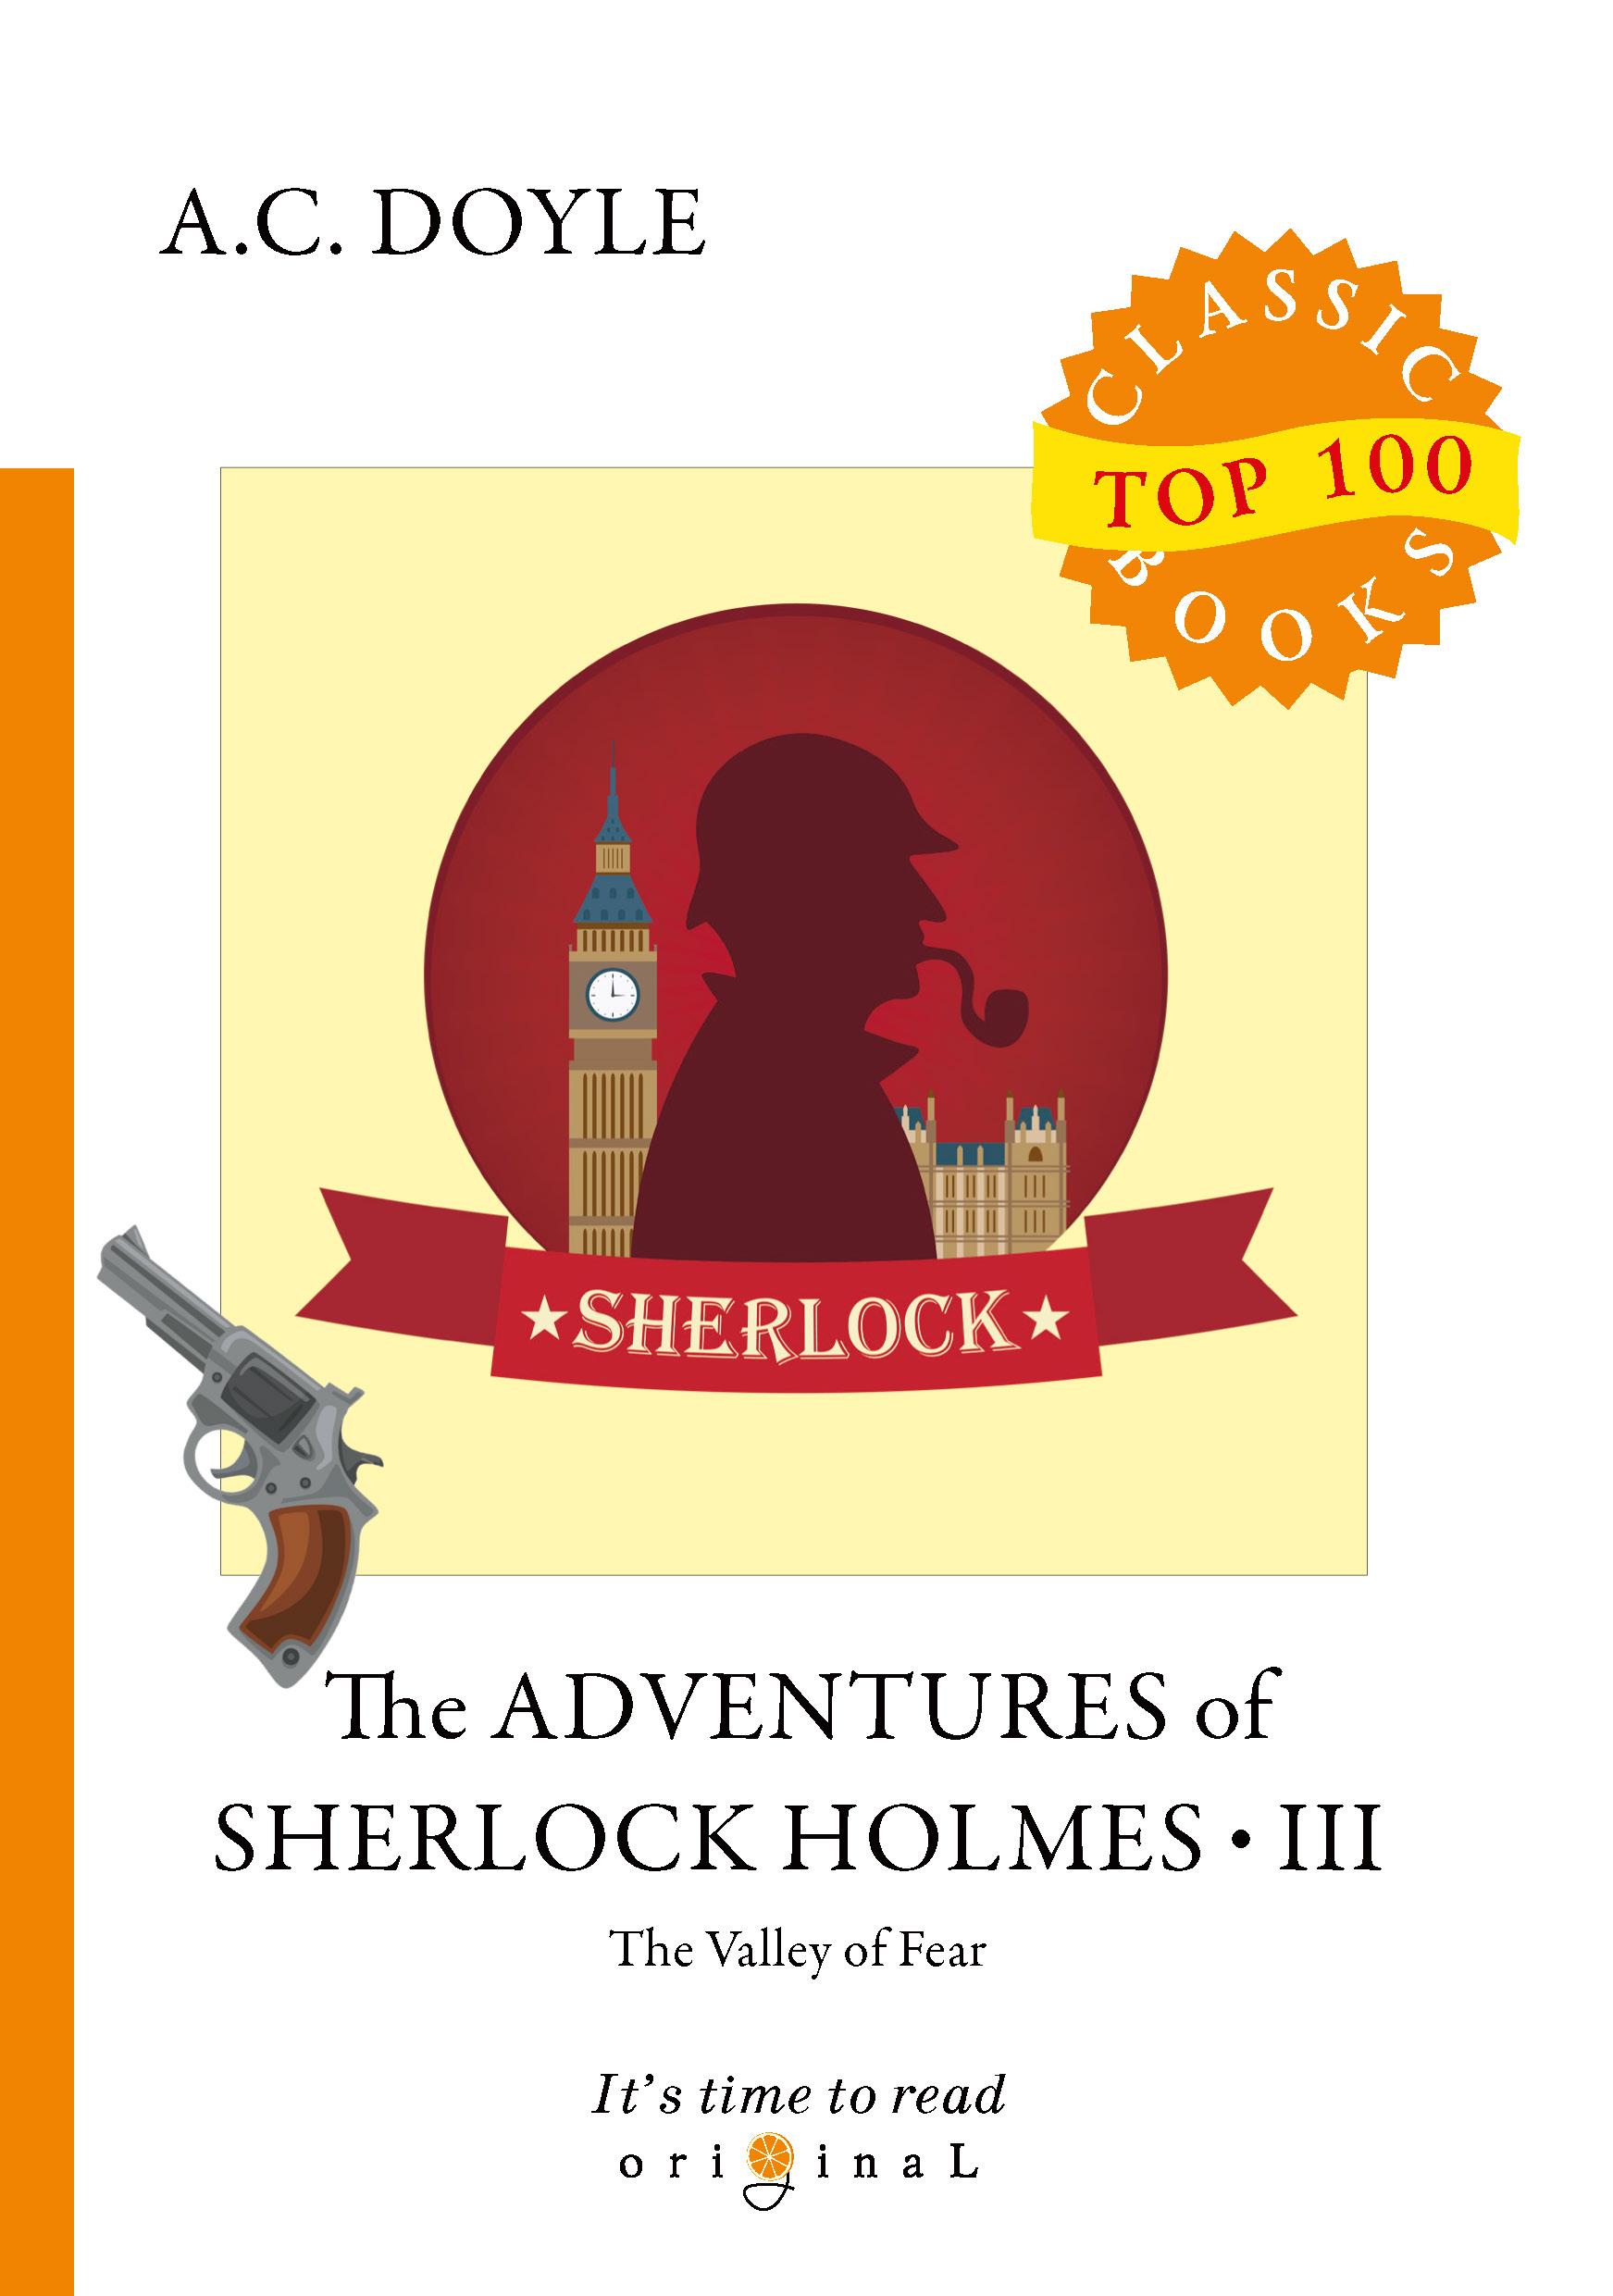 A. C. Doyle The Adventures of Sherlock Holmes III arthur hailey the final diagnosis окочательный диагноз